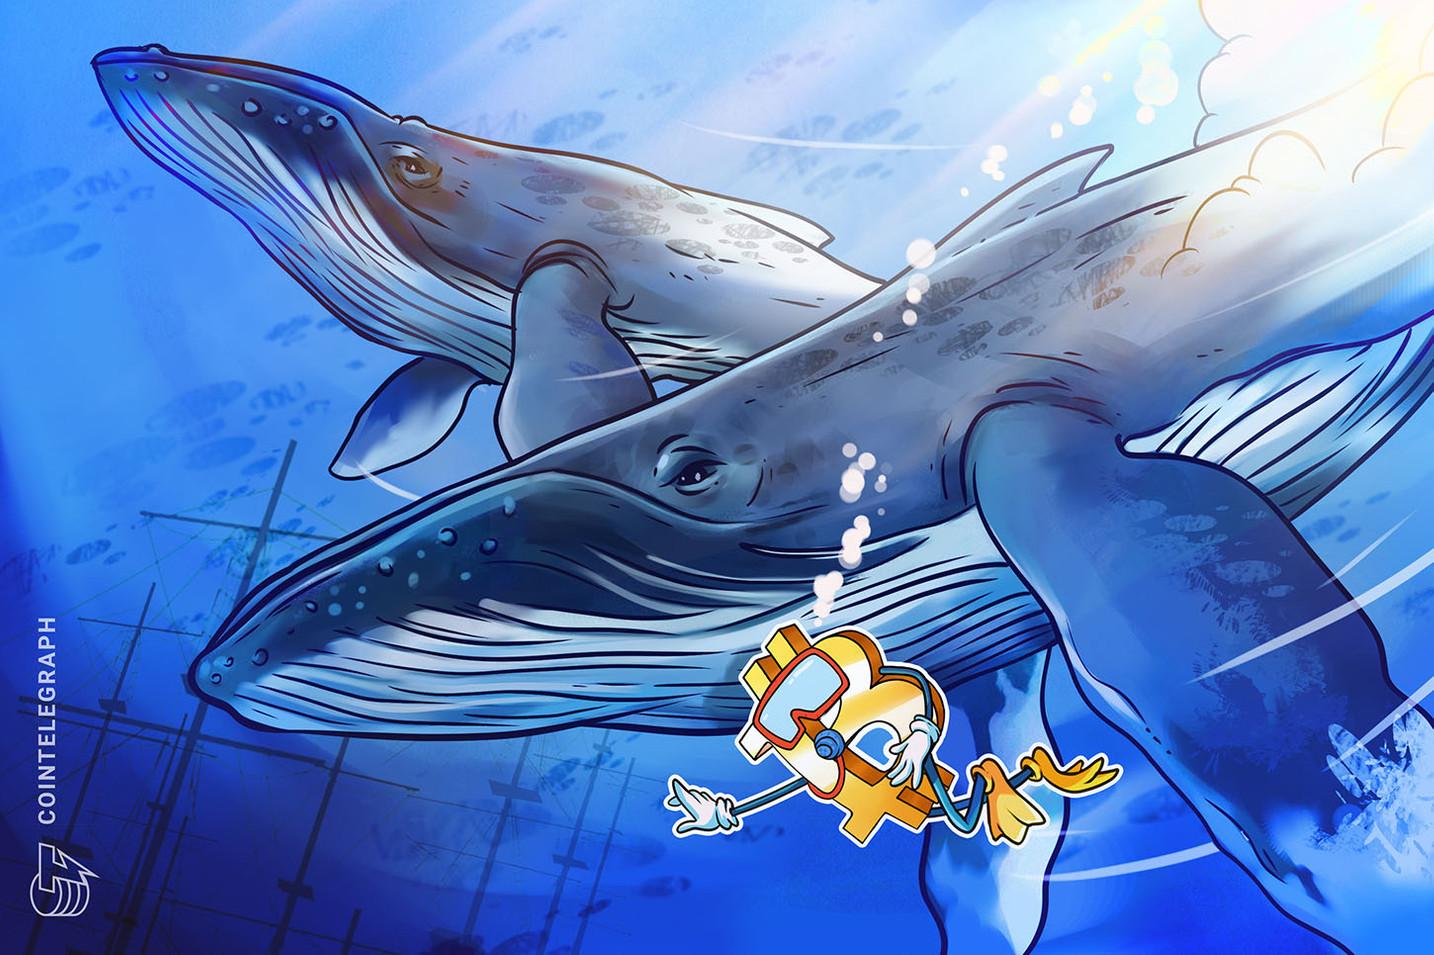 由于鲸鱼存款再次飙升,比特币价格回落至16900美元以下